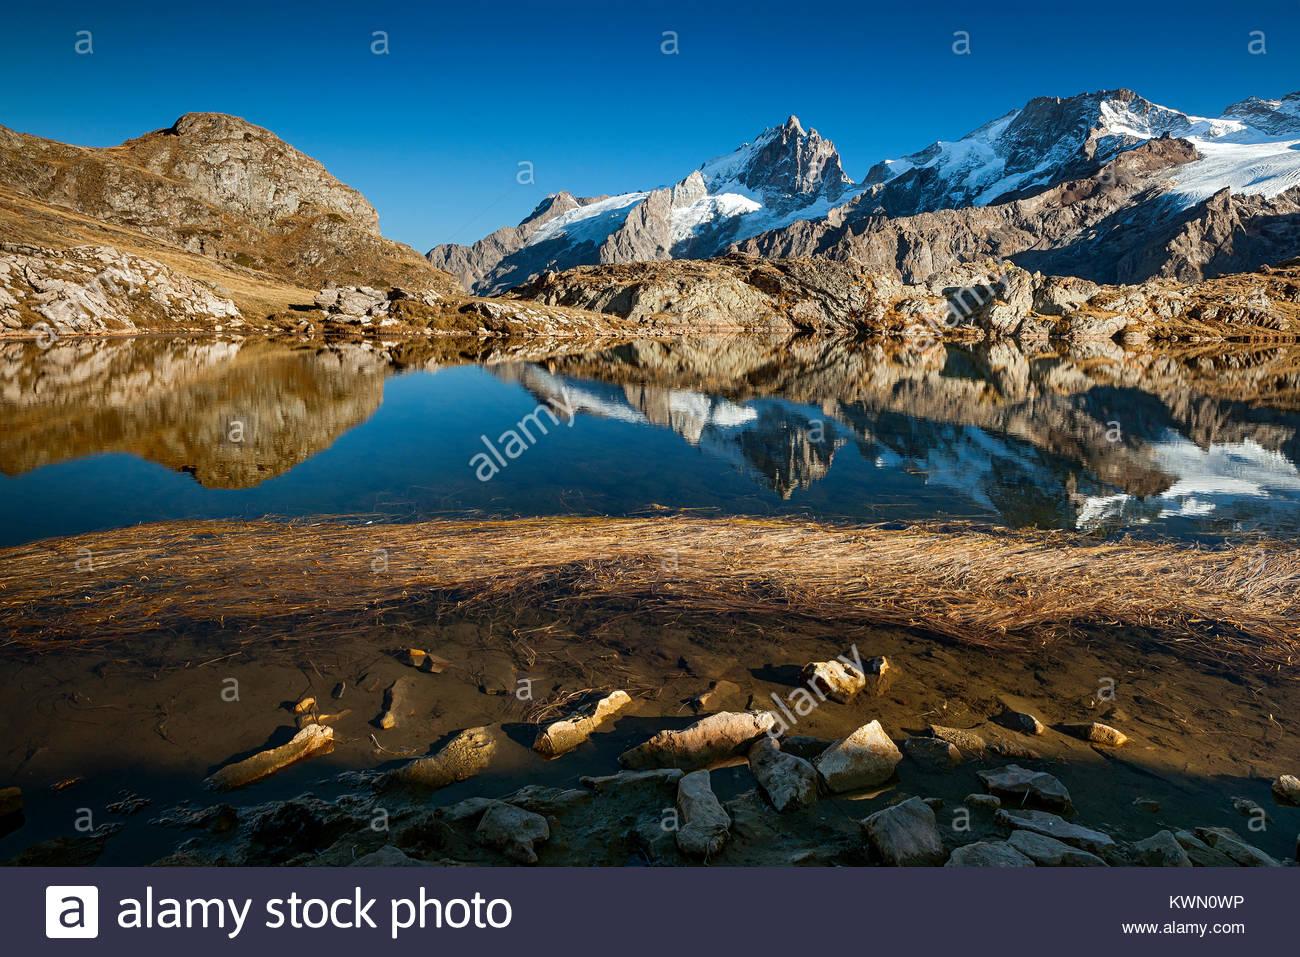 lake-lri-reflecting-la-meije-north-face-